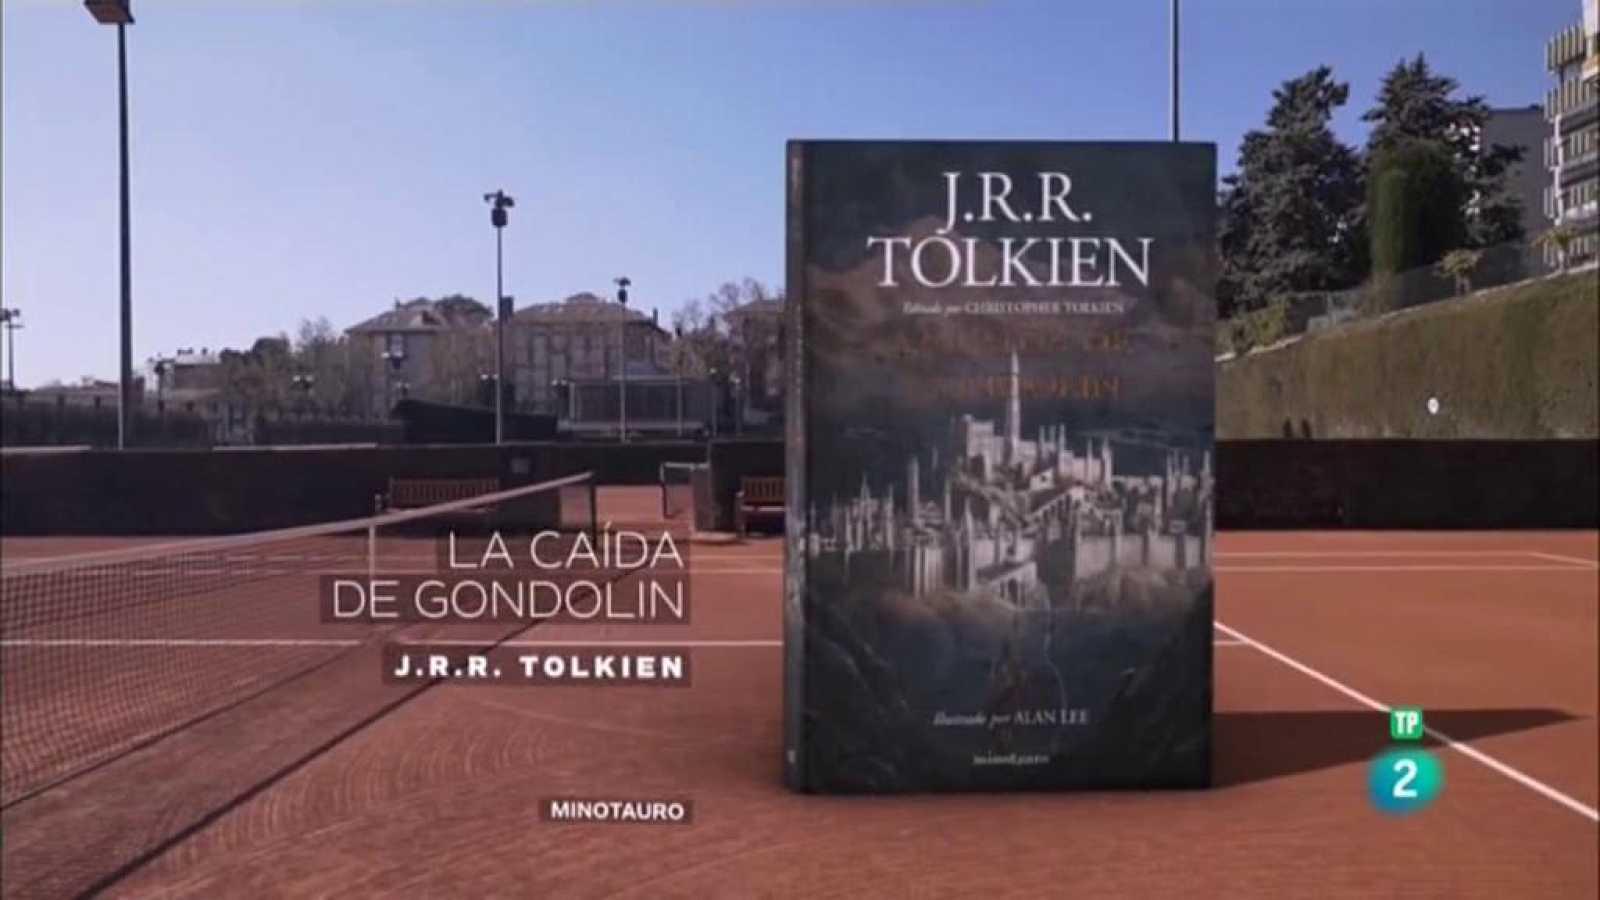 Para todos los públicos Página Dos - Recomendaciones - La caída de  Gondolin; Gila. Antología tragicómica de obra reproducir video